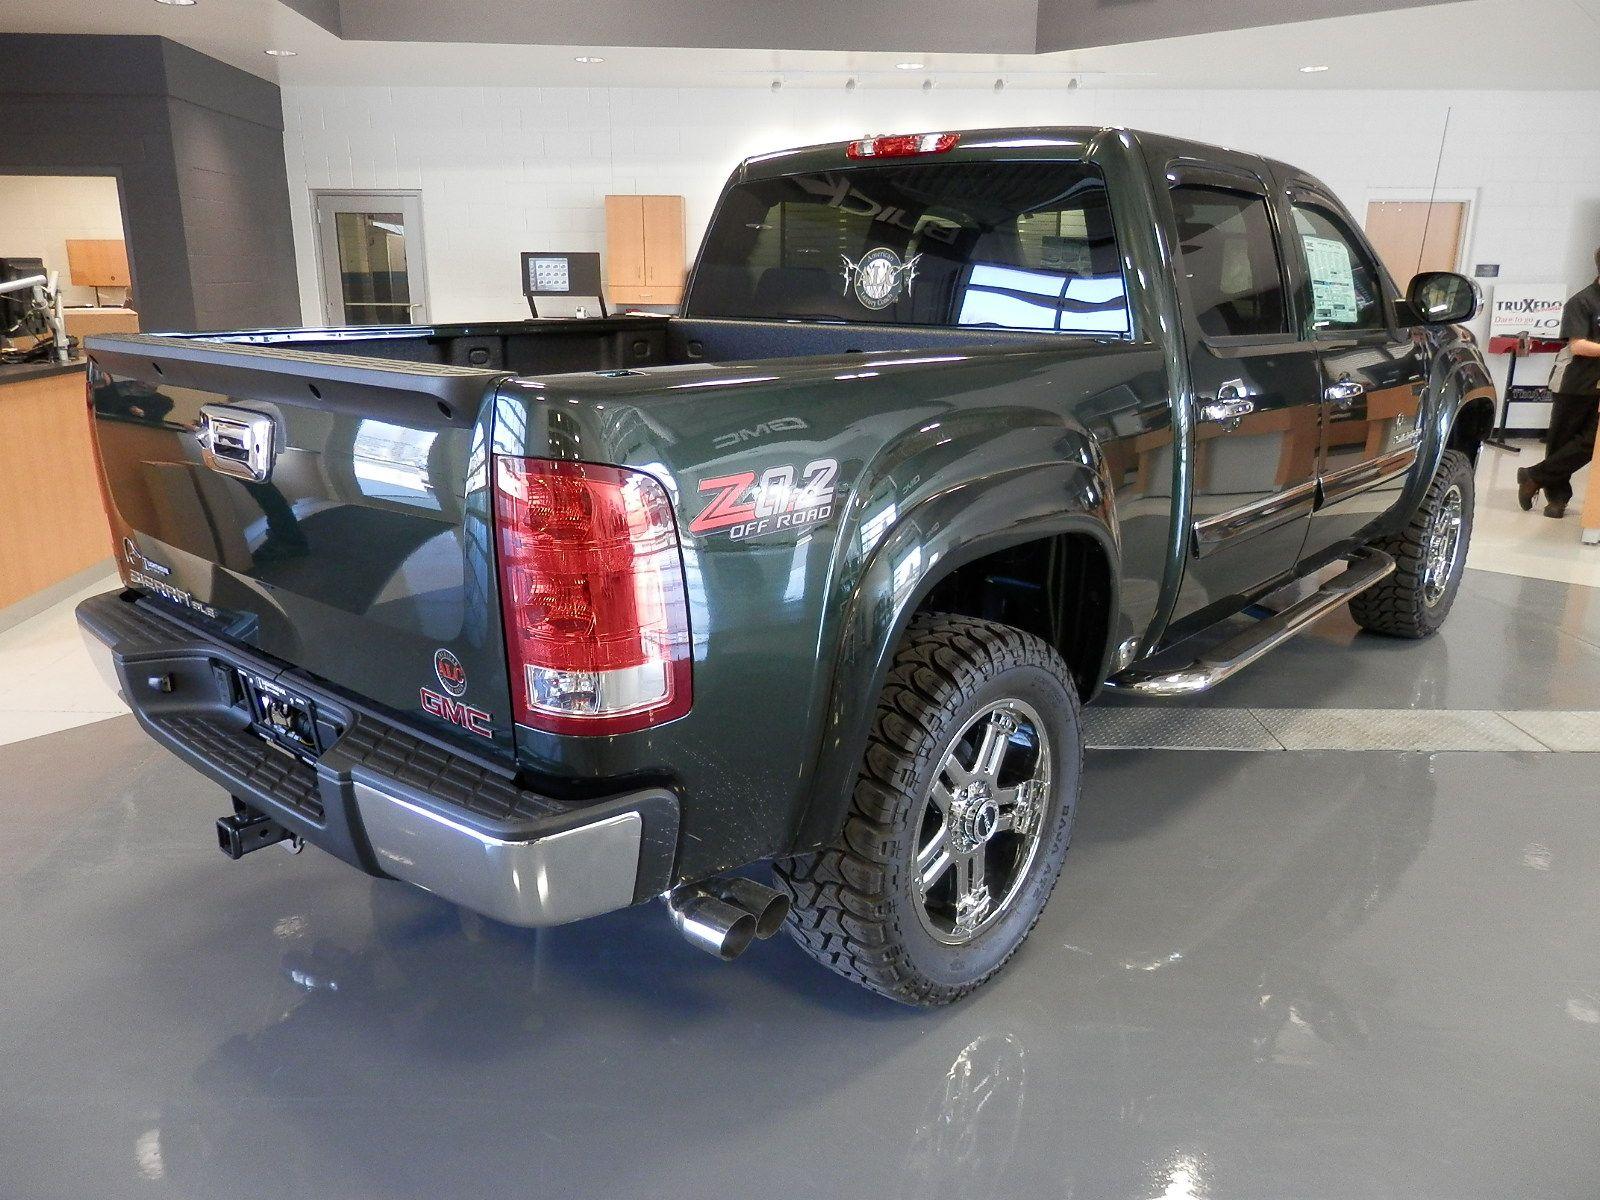 dealer kutztown dealers gmc pa sierra reading truck review auto